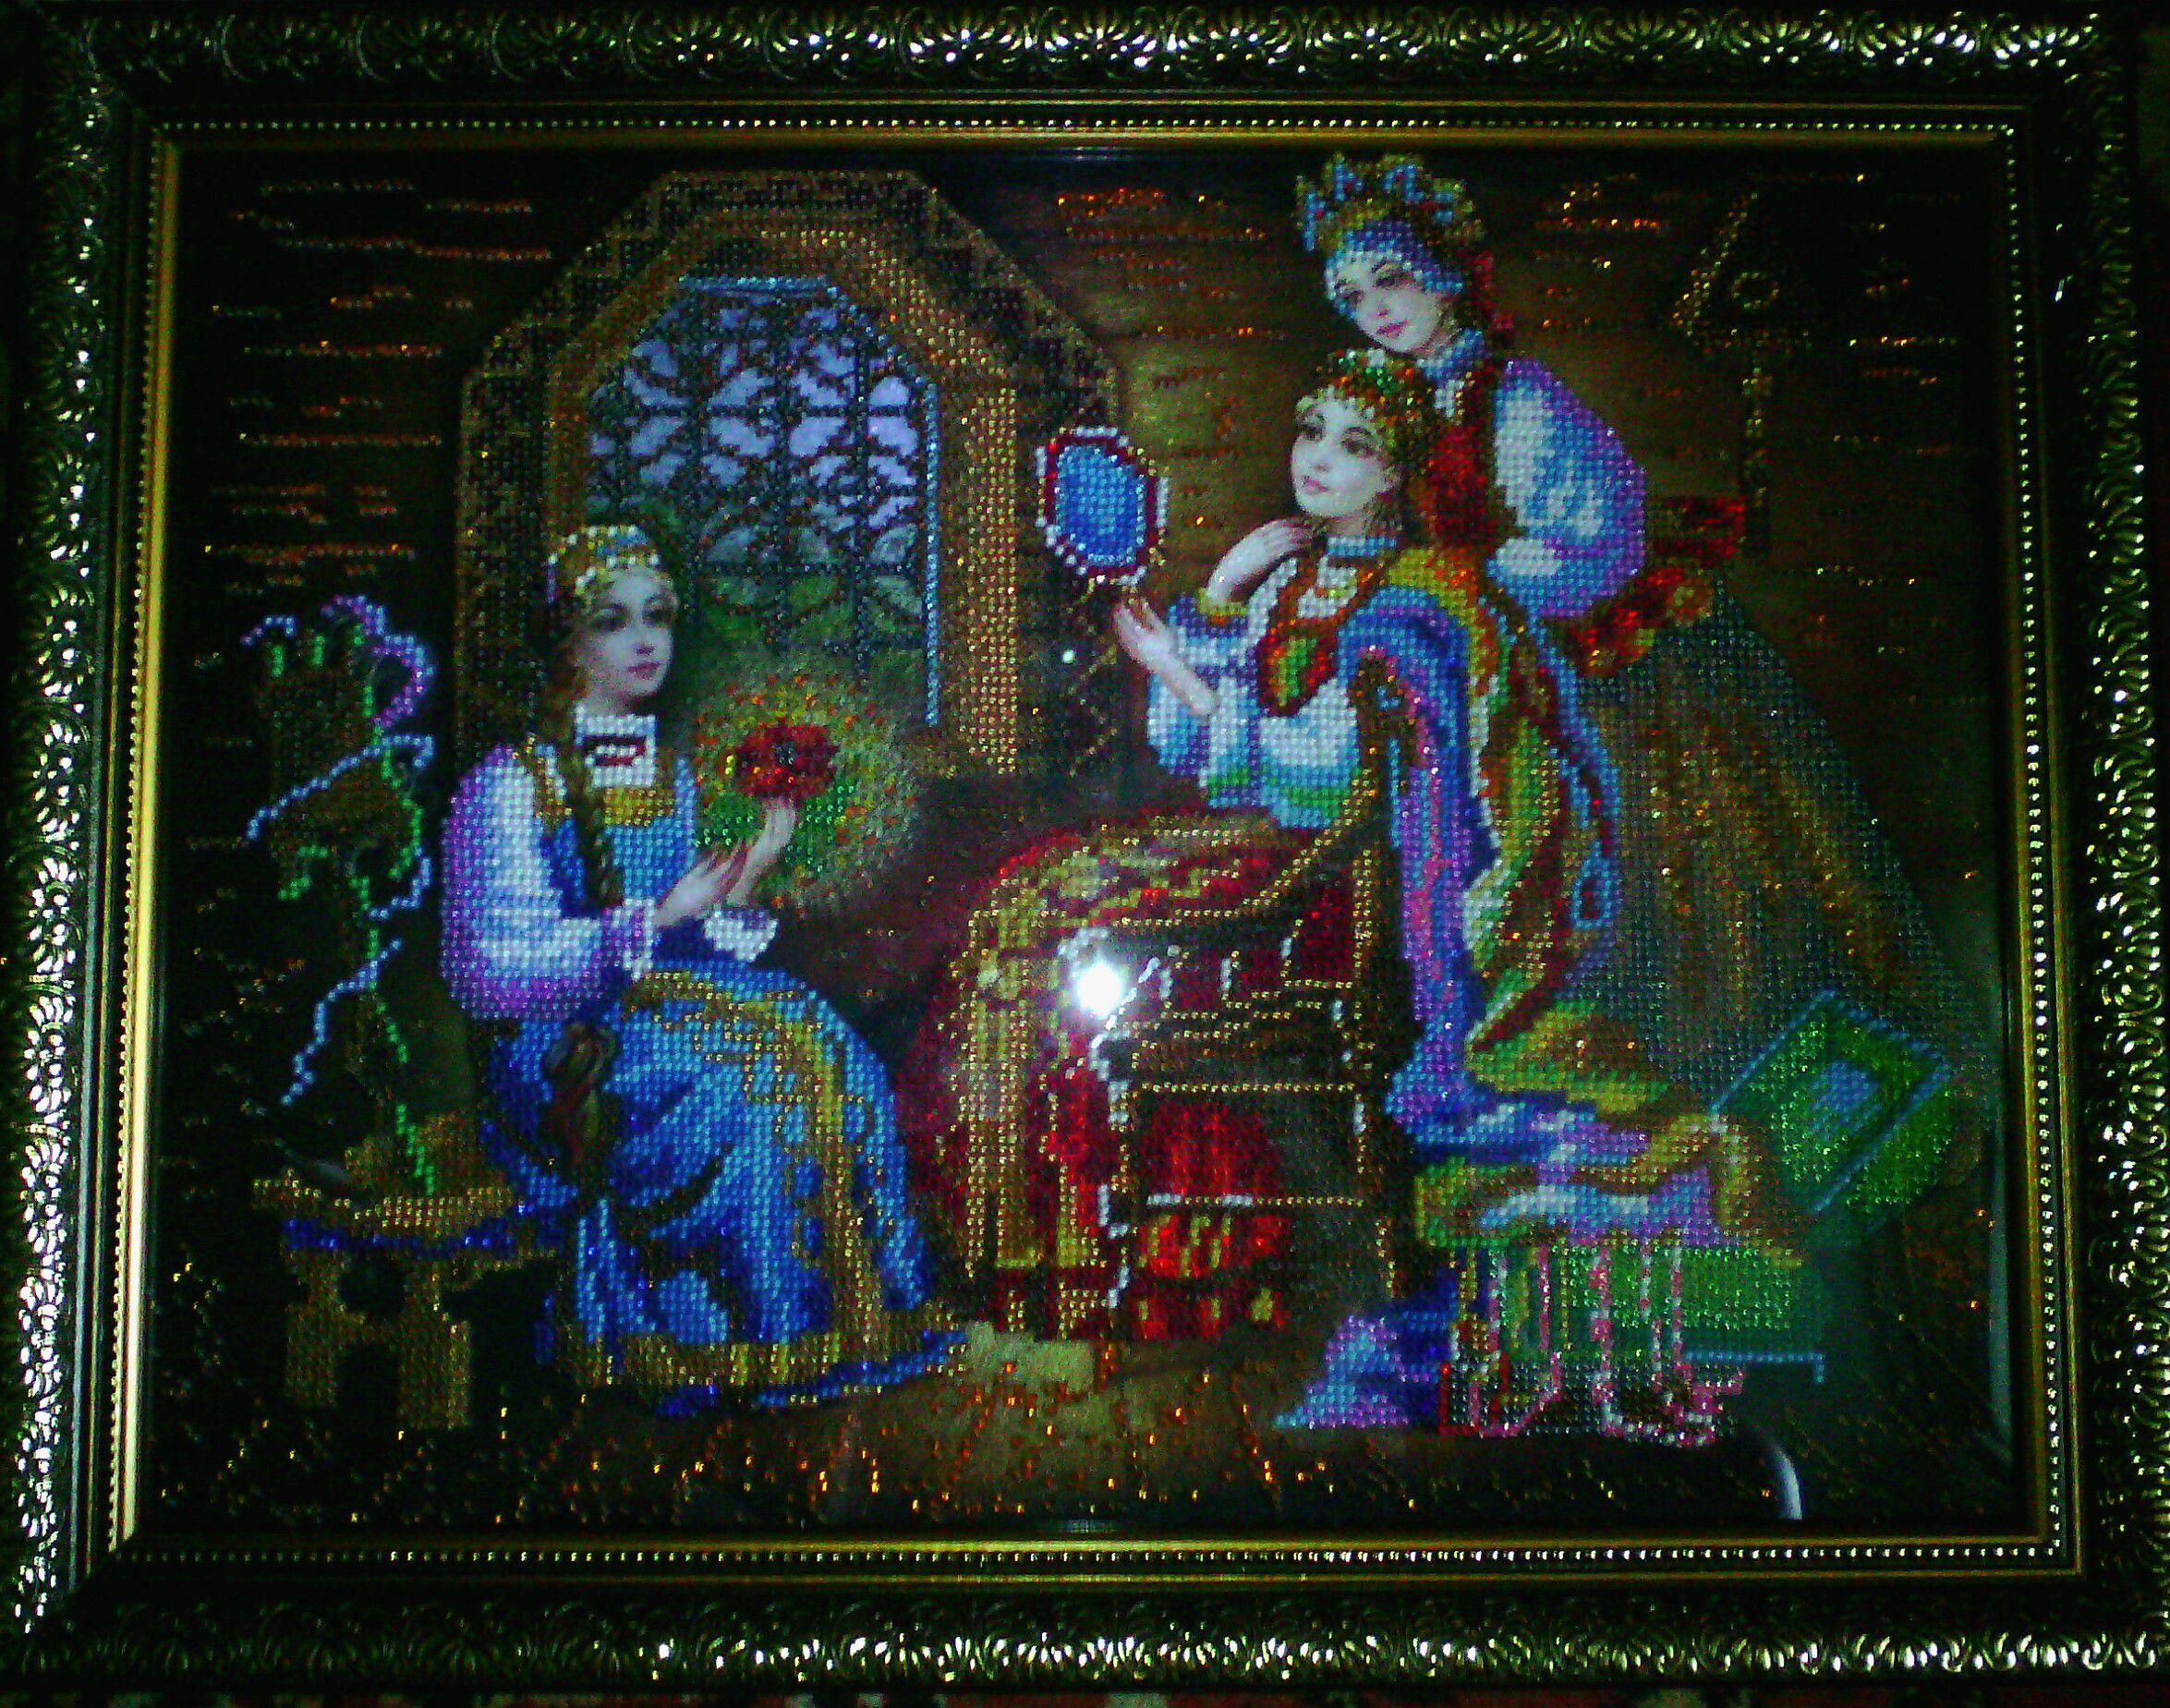 день рождения бисер картина вышивка ребенку сказка волшебство подарок